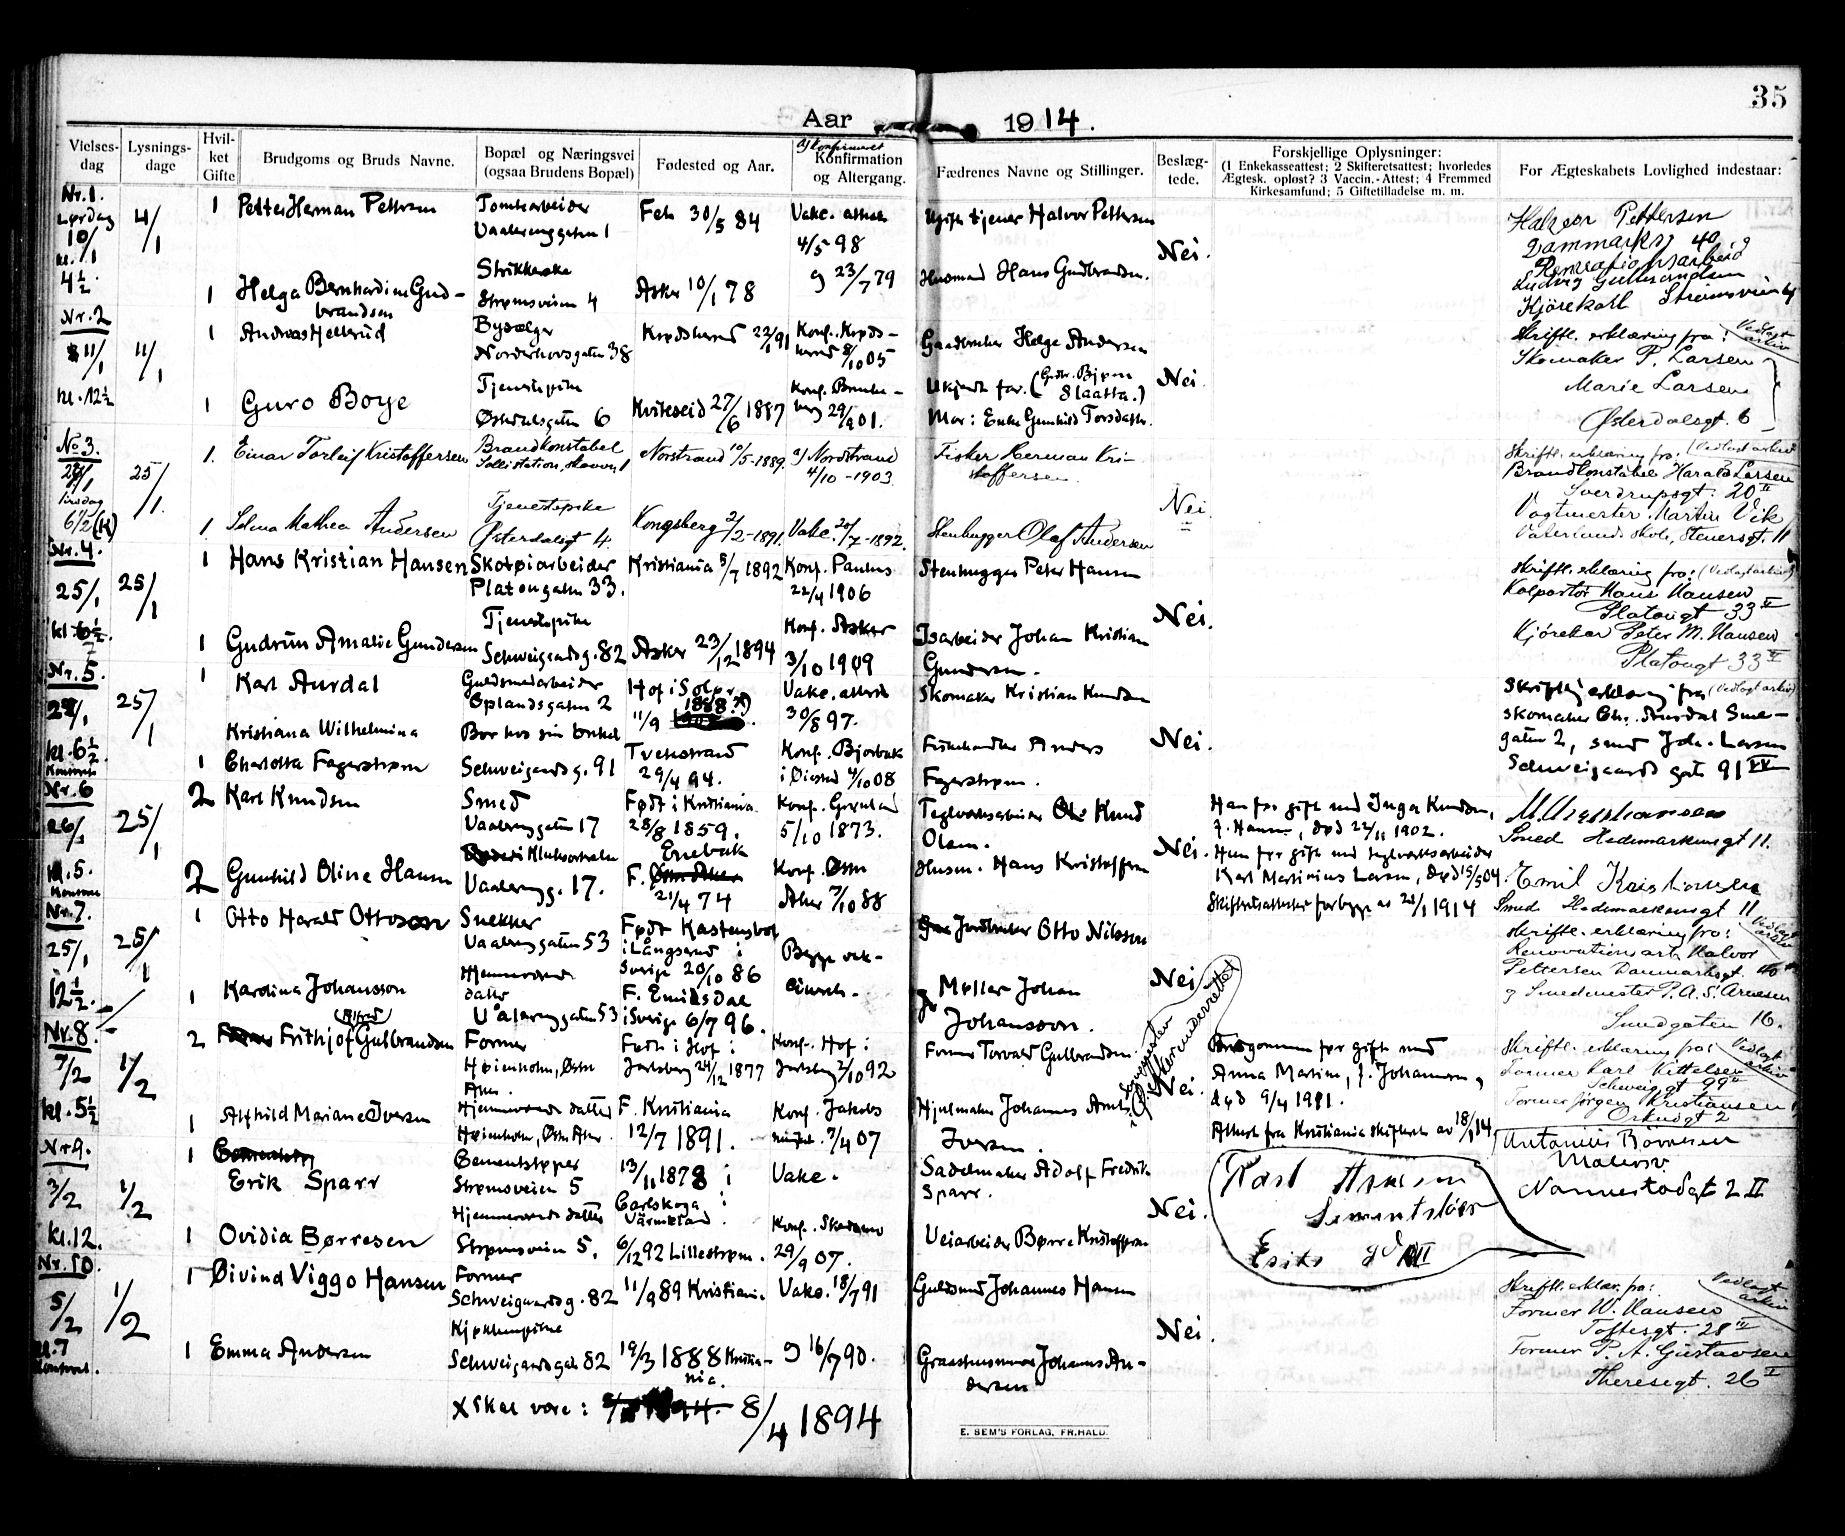 SAO, Vålerengen prestekontor Kirkebøker, H/Ha/L0002: Lysningsprotokoll nr. 2, 1910-1918, s. 35